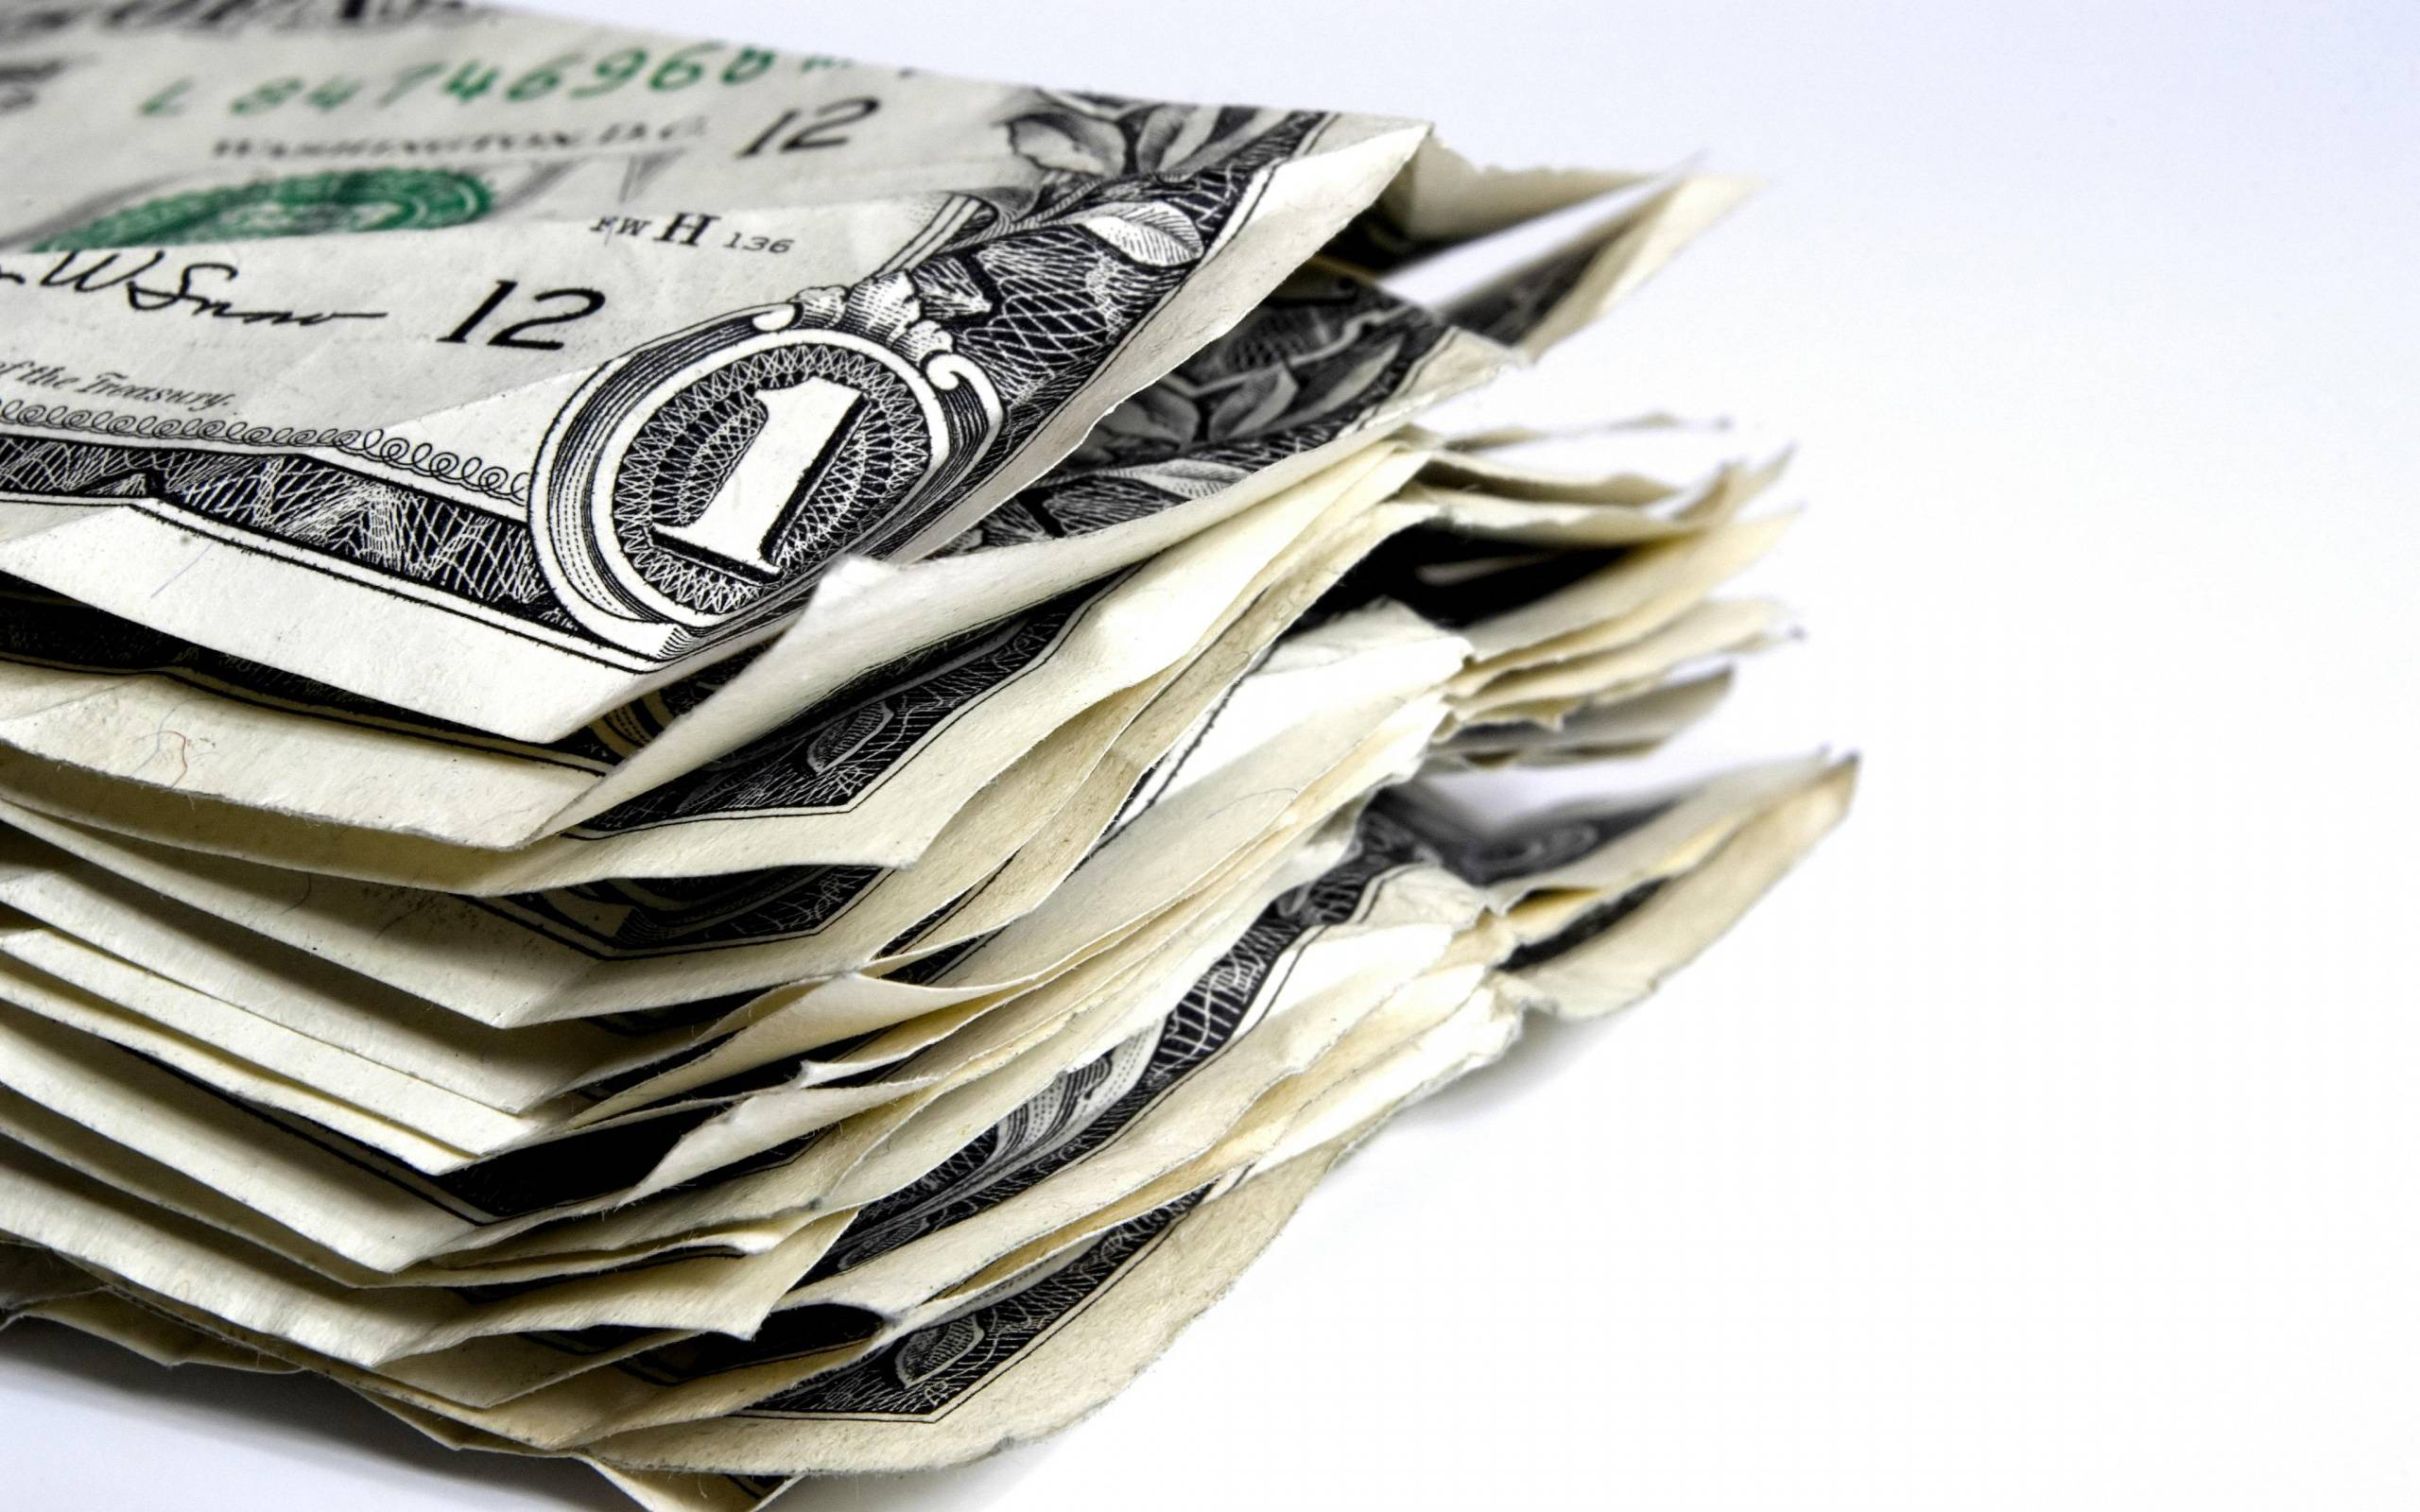 money-cd37fe3209088951cf6d674c60c012b4.jpg